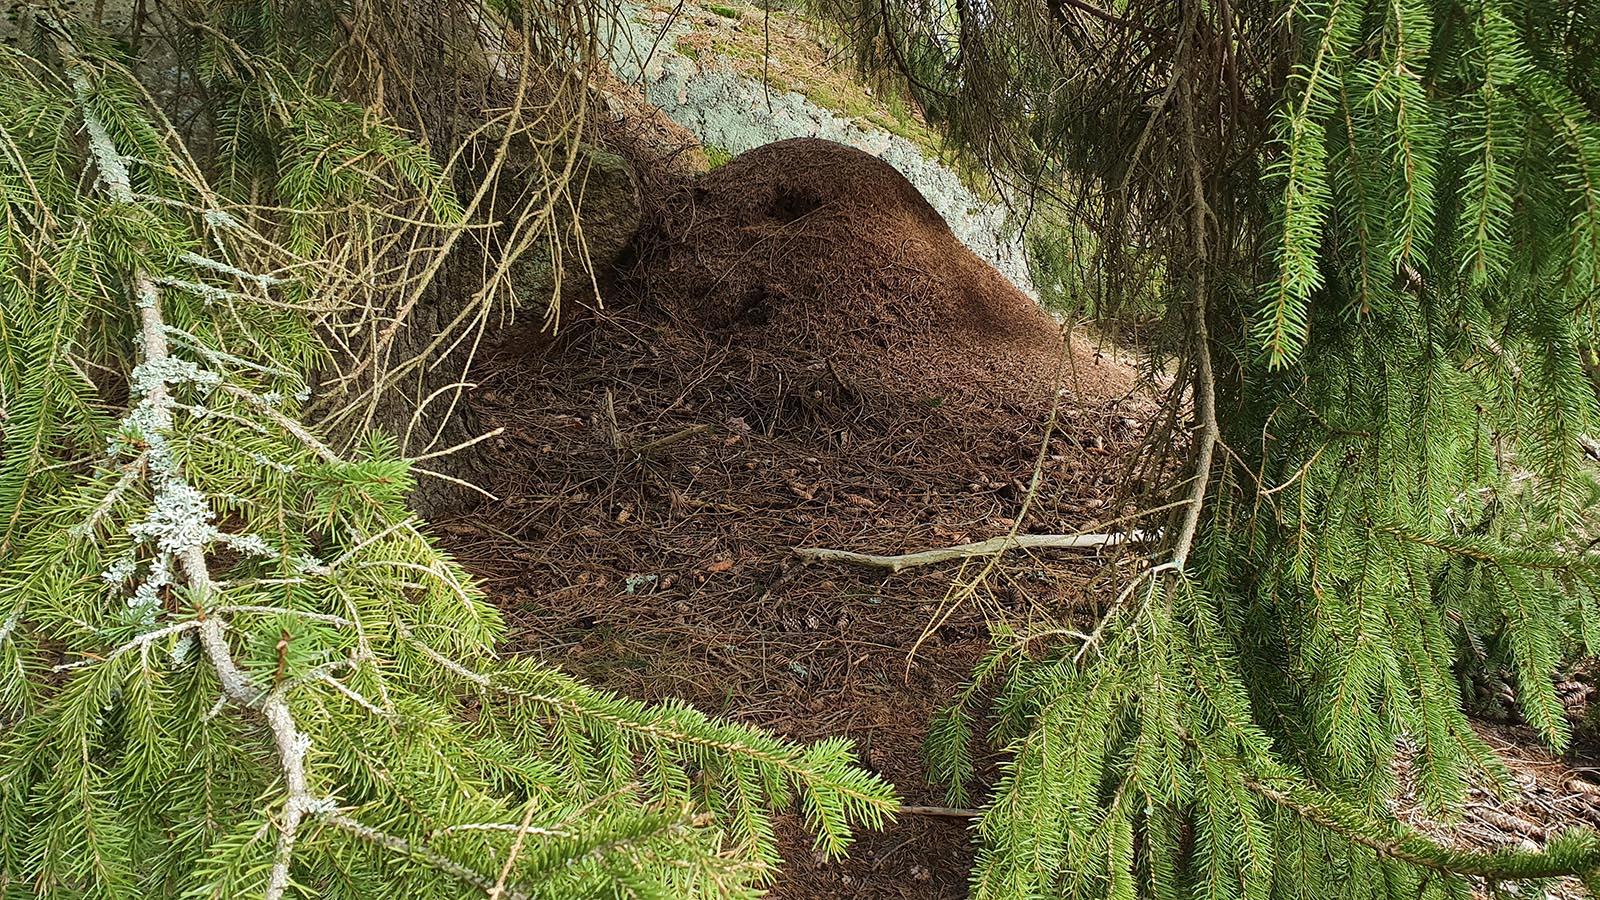 Moose Poop Messenger Renja Leino 1